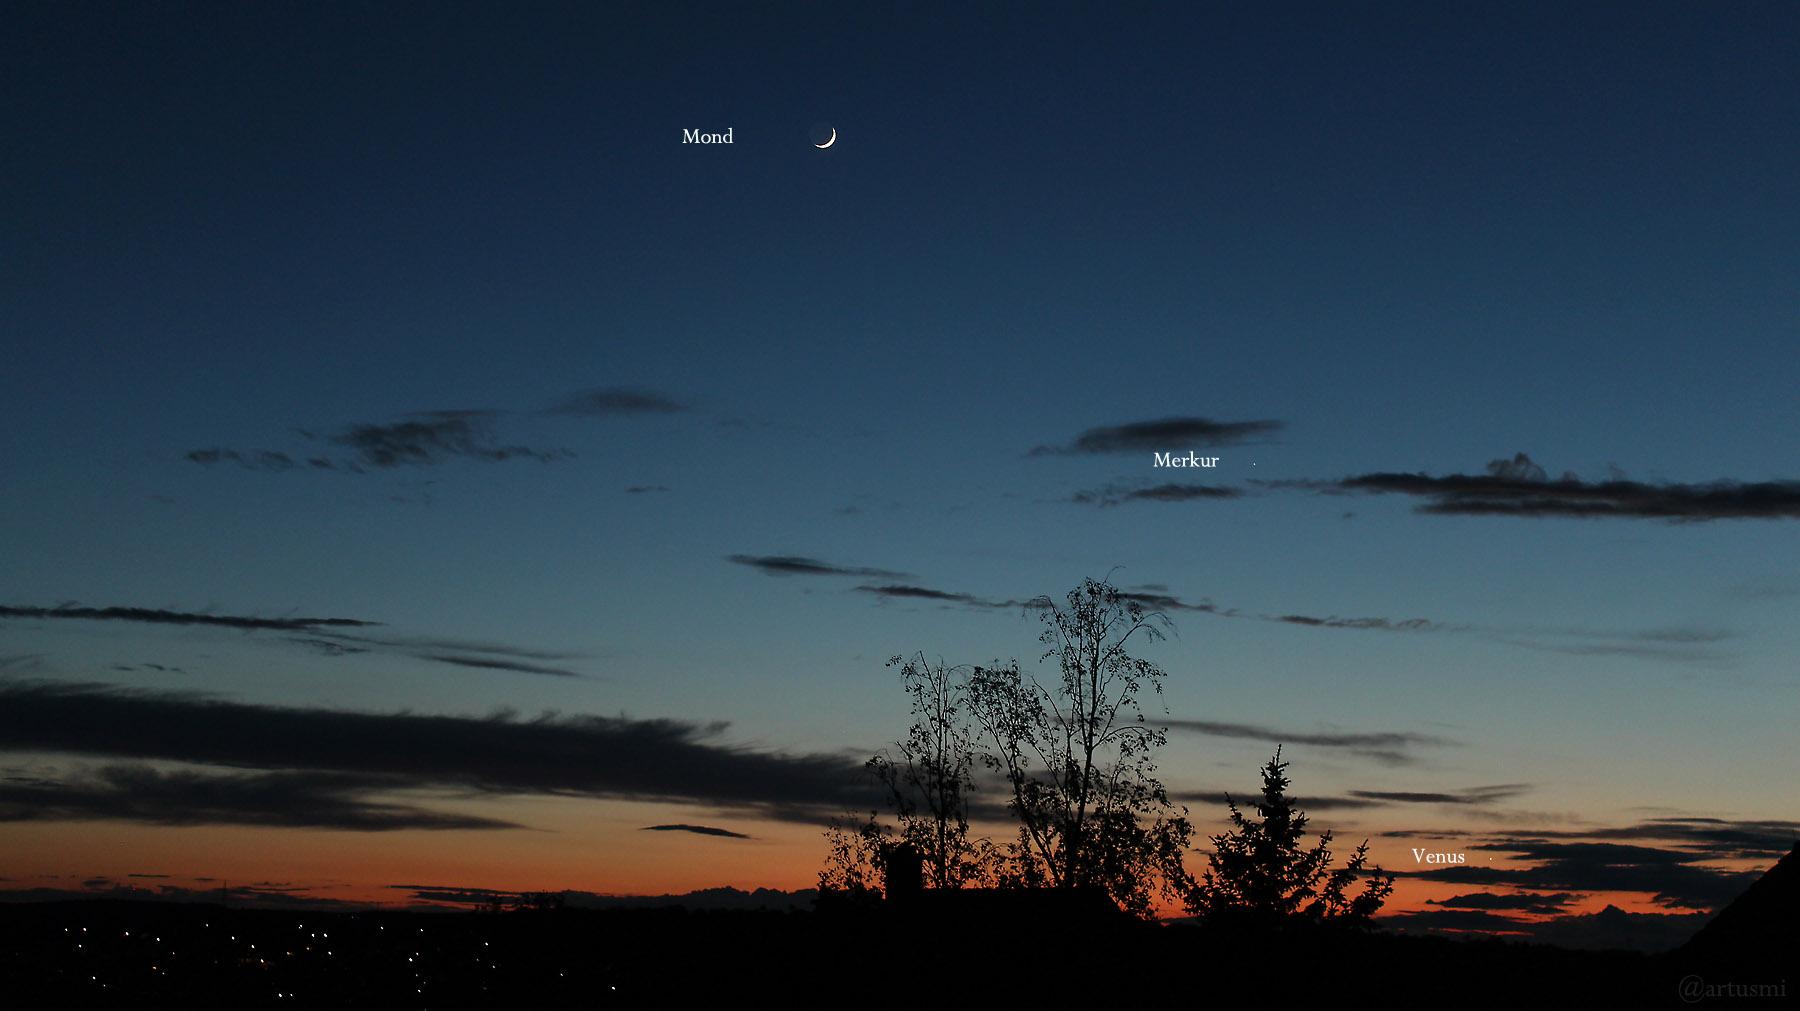 Konstellation zunehmender Mond, Merkur und Venus am 14. Mai 2021